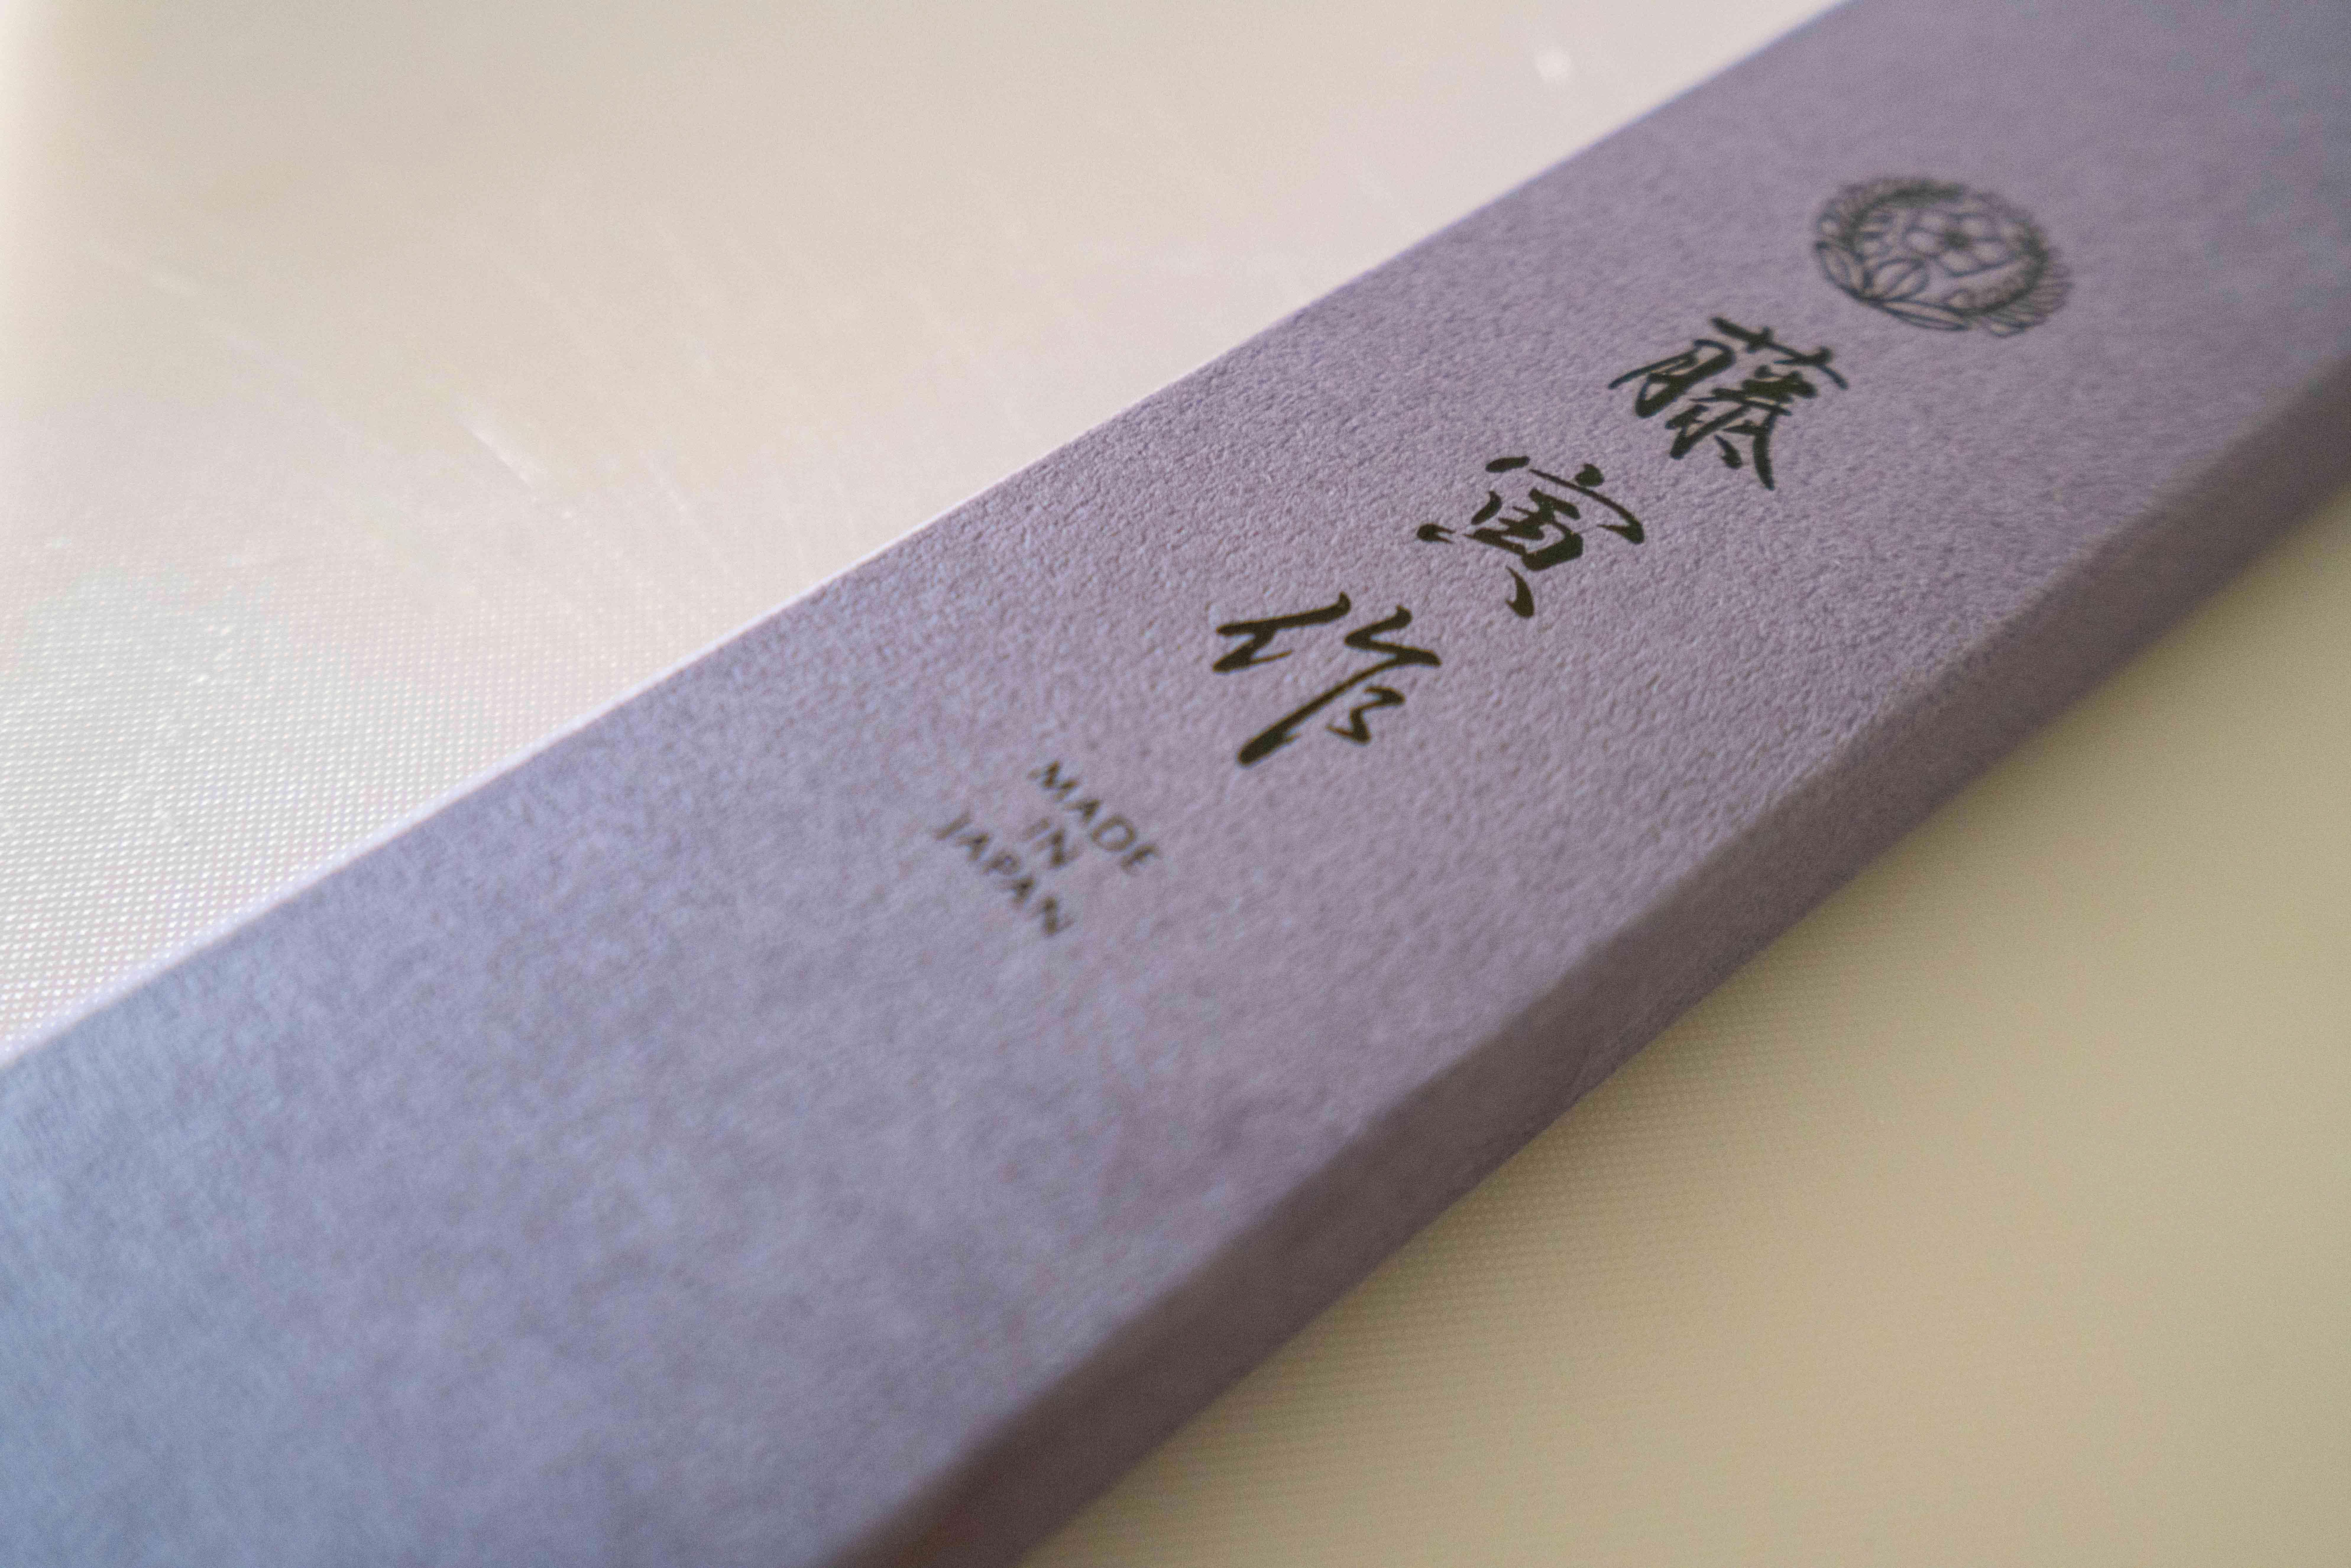 李鬼「藤次郎」?「藤寅作」FU-808 牛刀 & 龙虾 BASE 砥石